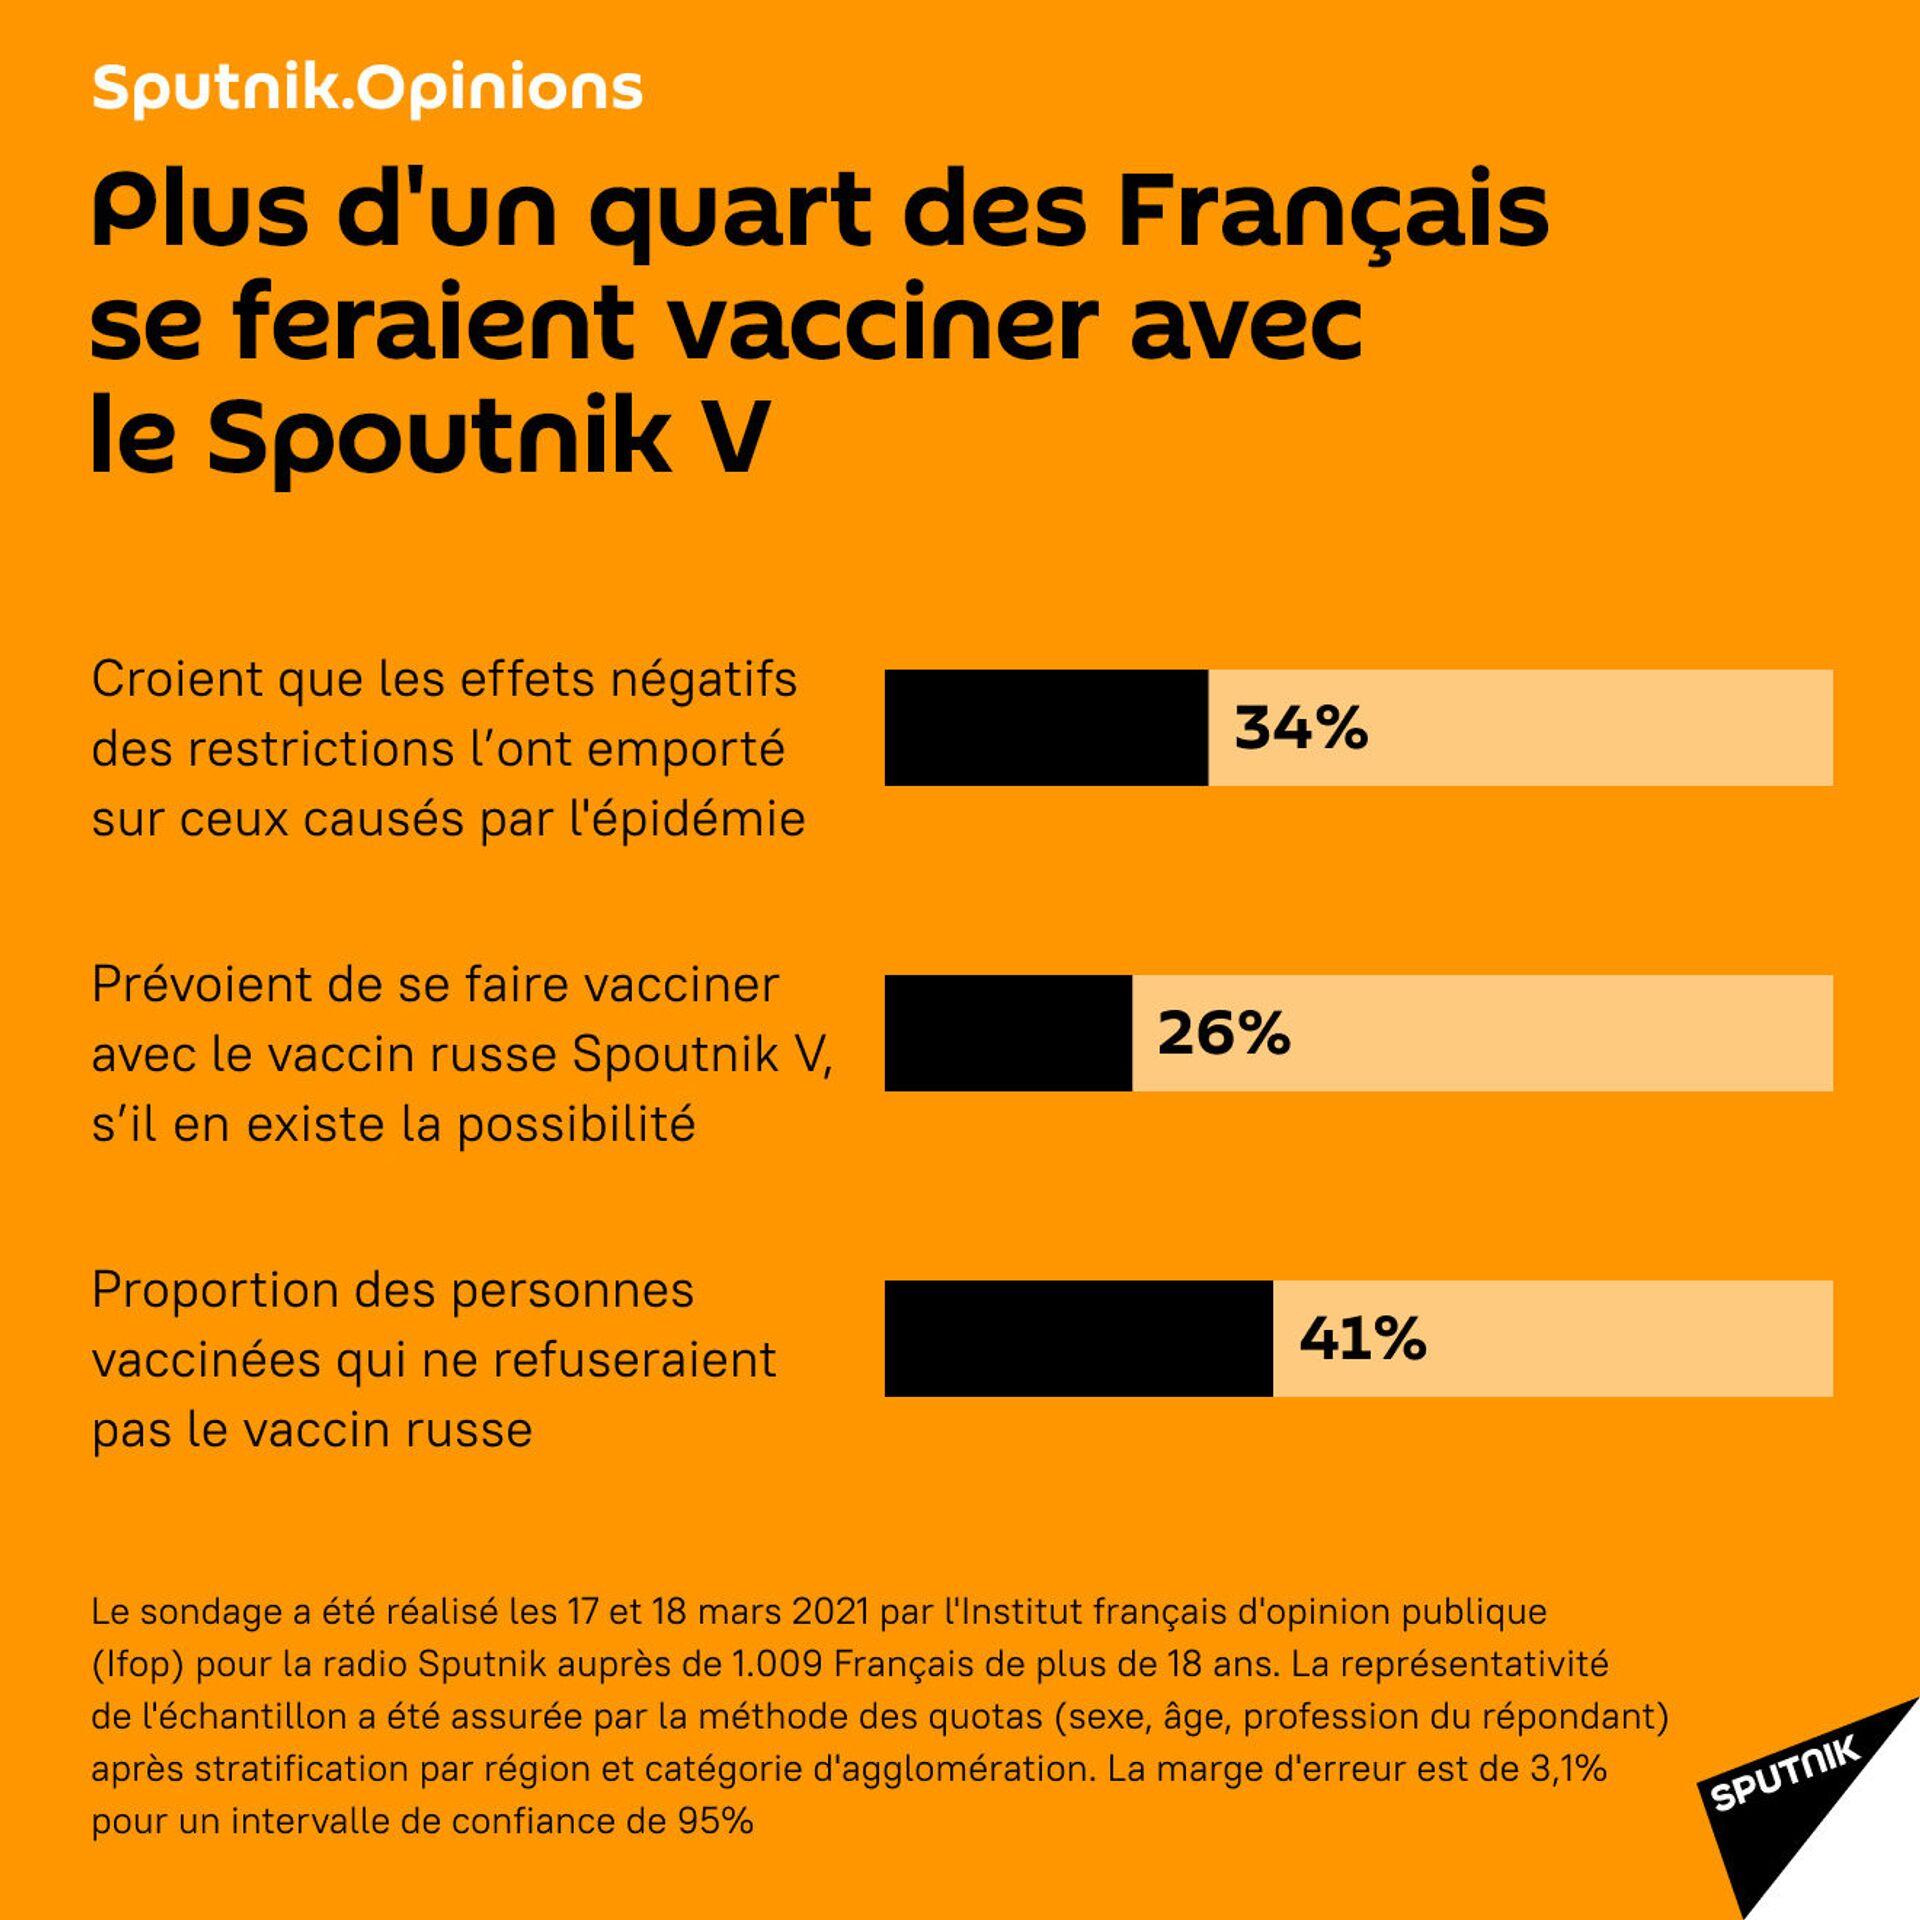 Soutenir «une économie sans vie» pour que les faillites arrivent «si possible après l'élection présidentielle»? - Sputnik France, 1920, 25.03.2021